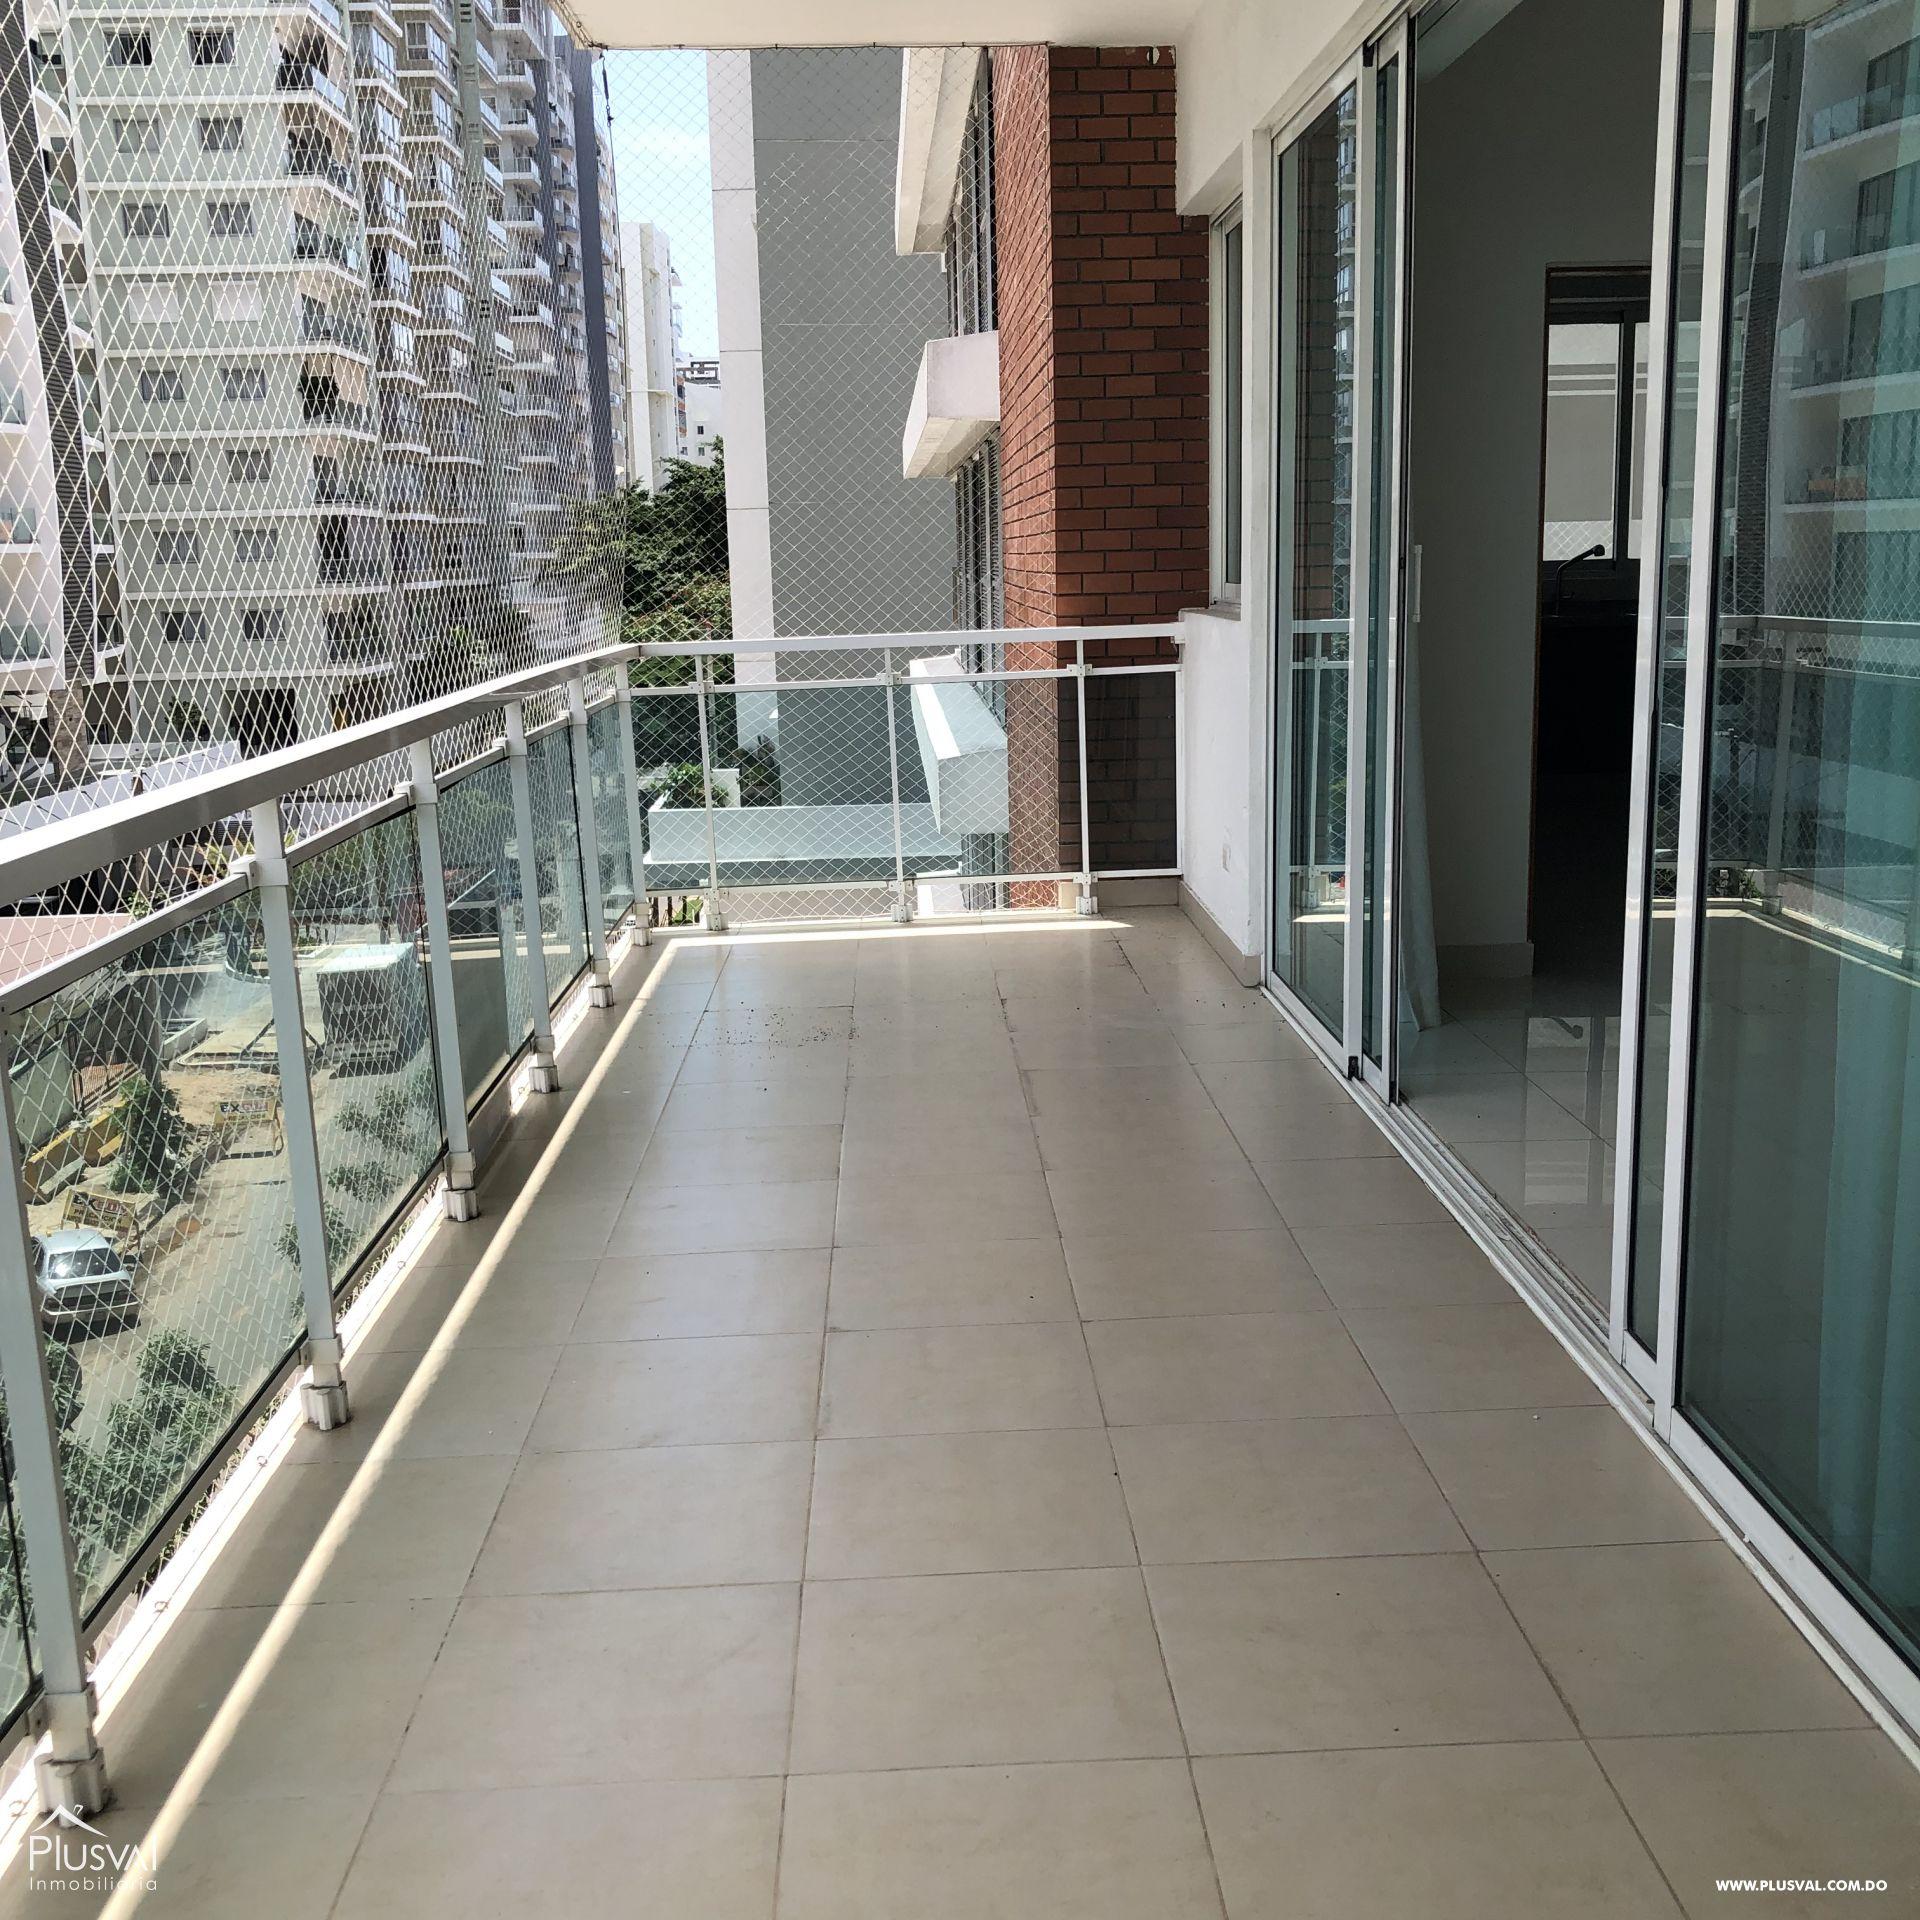 Apartamento en alquiler con L/B ubicado en calle El Retiro  Piantini